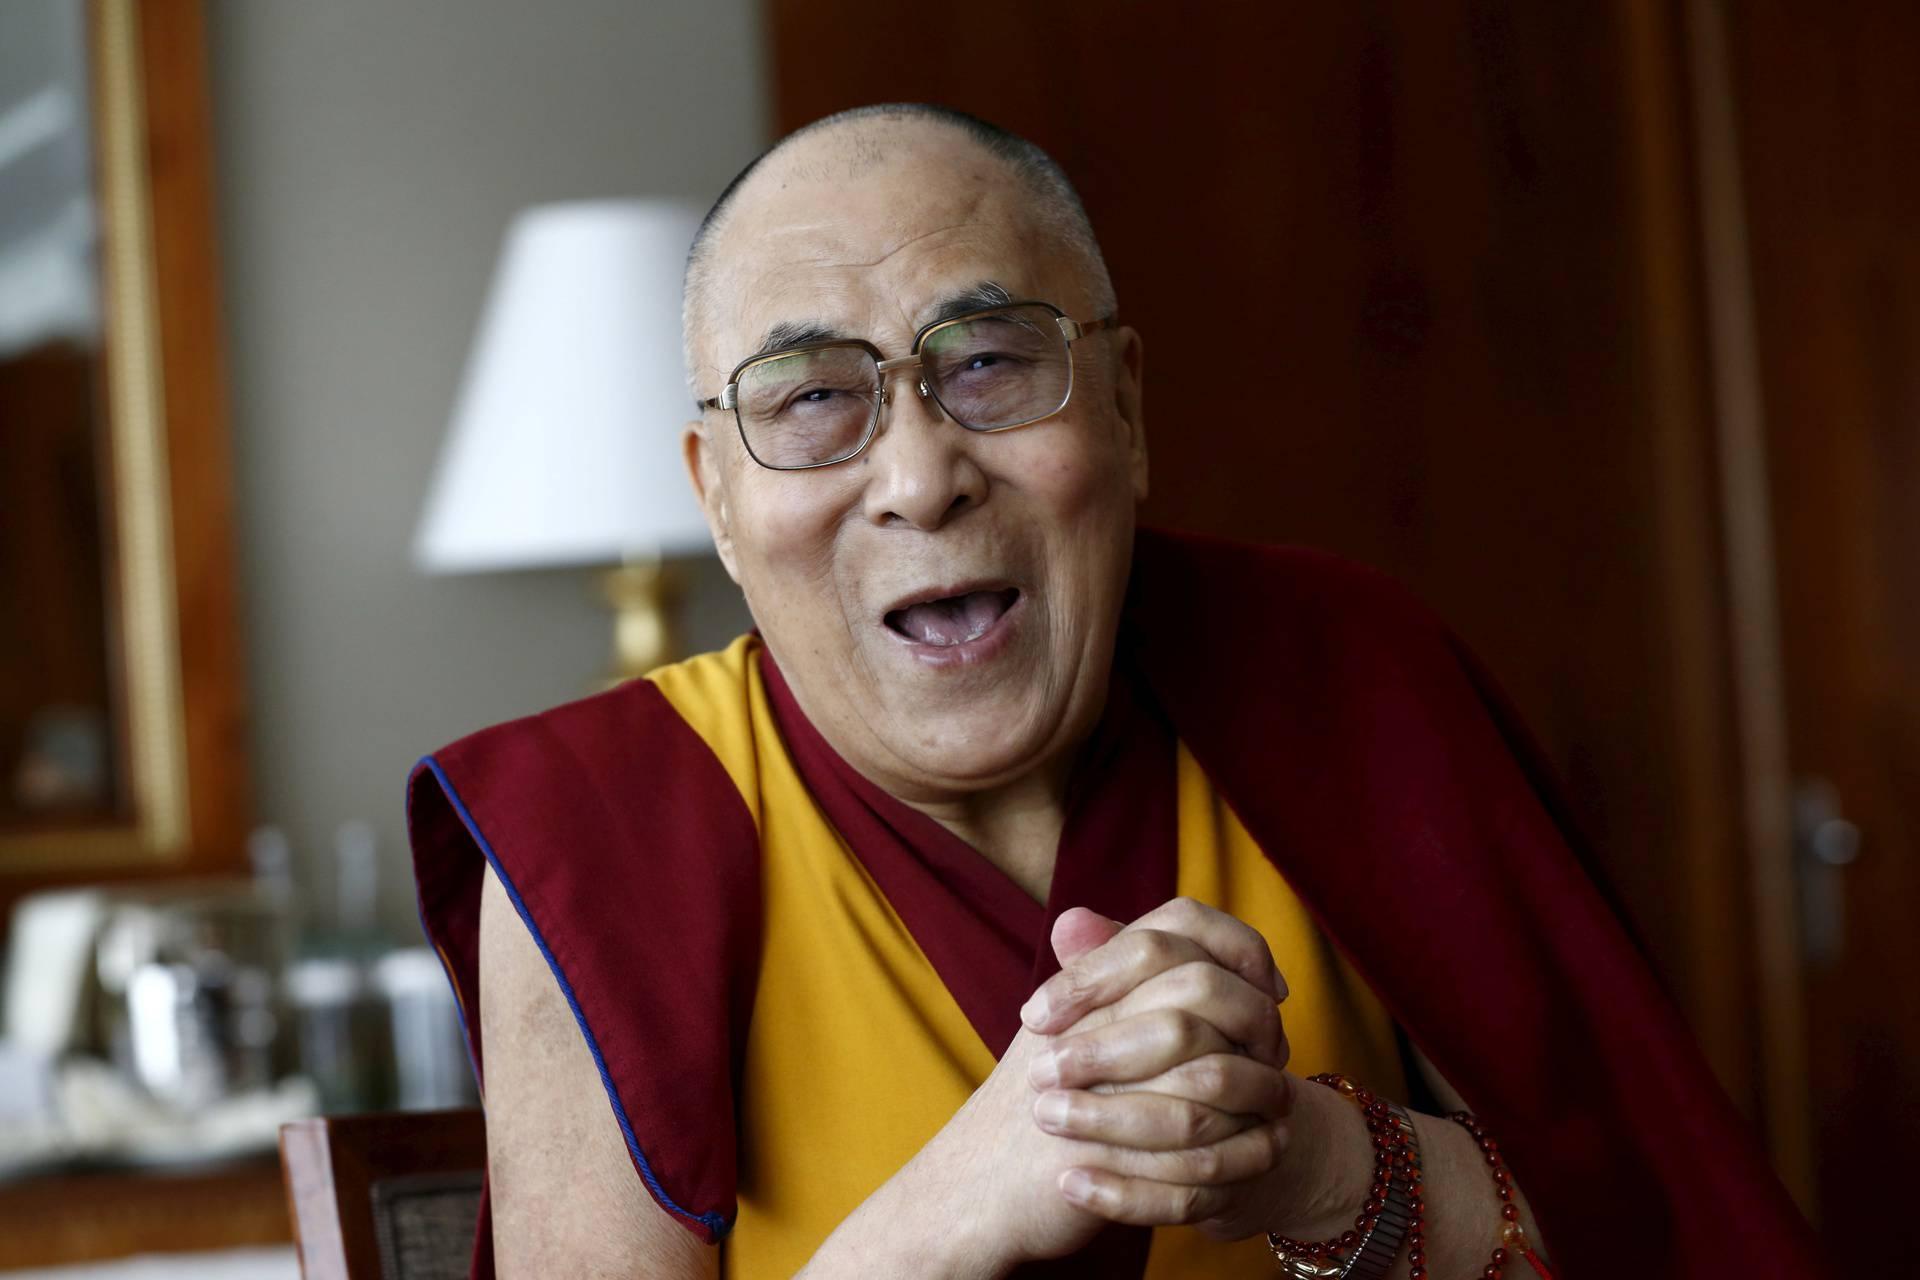 Dalaj Lama objavio prvi album: Glazba može pomoći ljudima na onaj način na koji ja to ne mogu